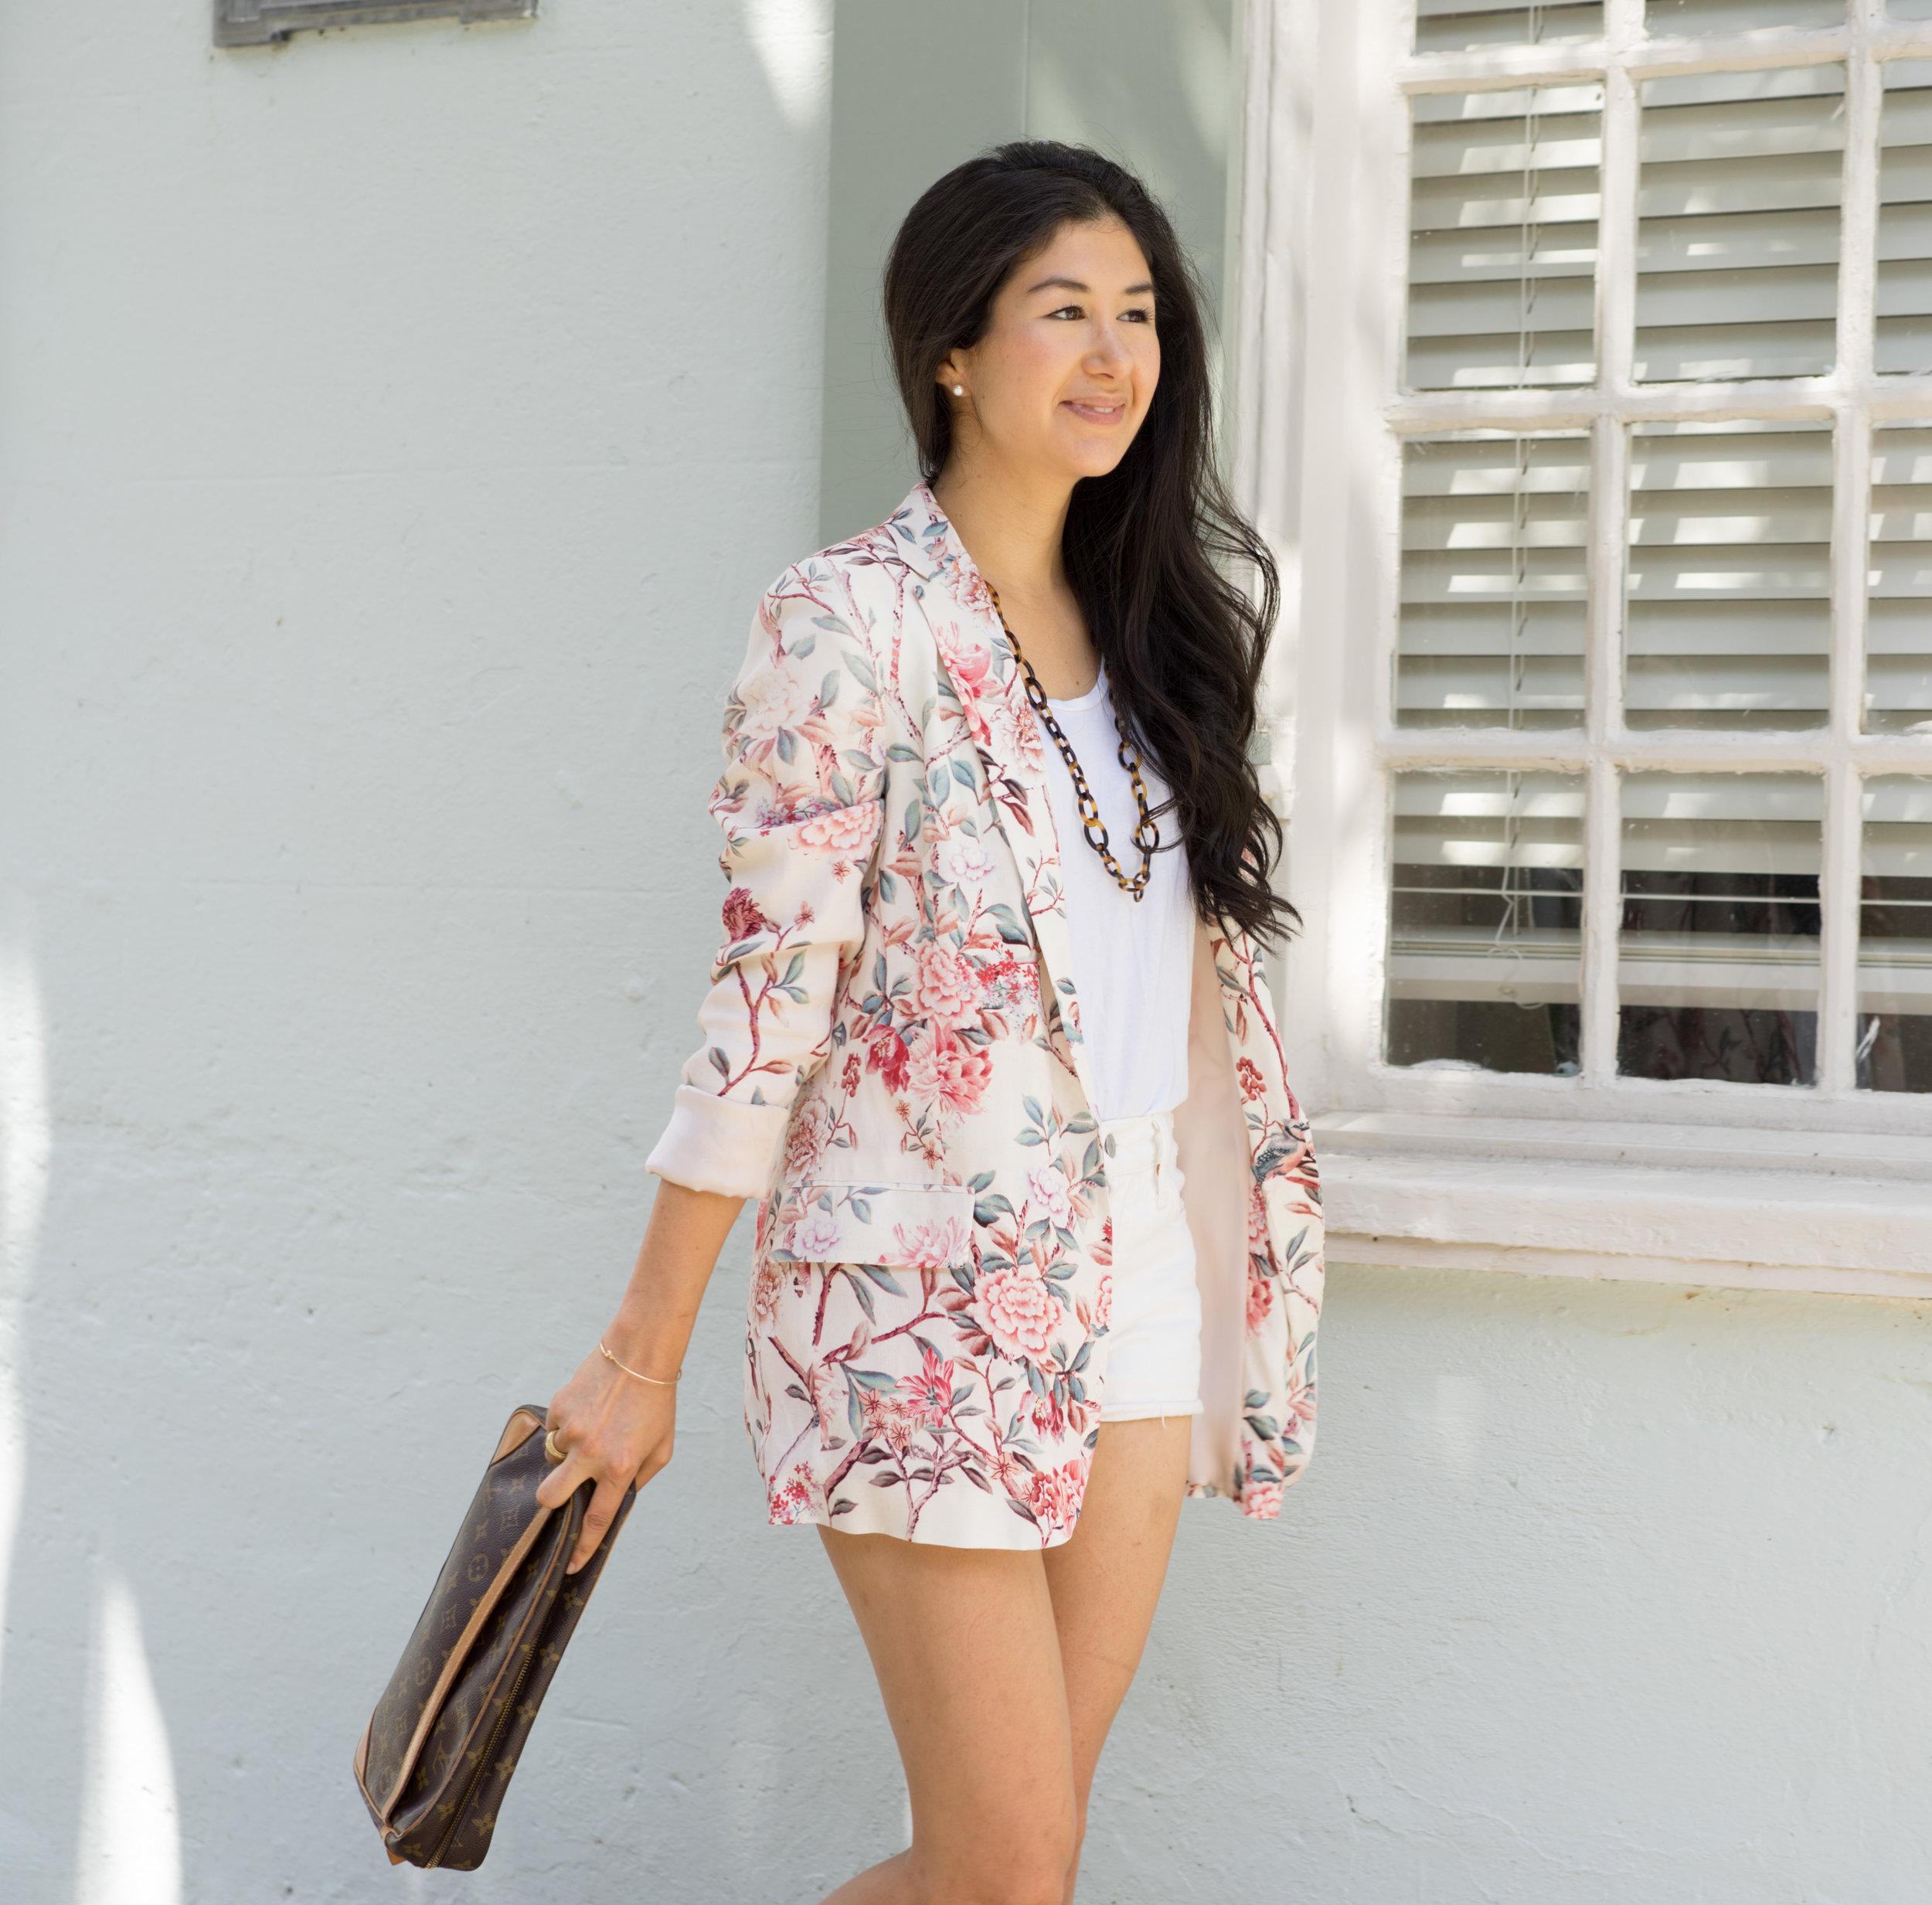 Zara Floral Blazer_Levis 501 Shorts_Louis Vuitton Clutch_Everlane U Neck Tee 2.jpg